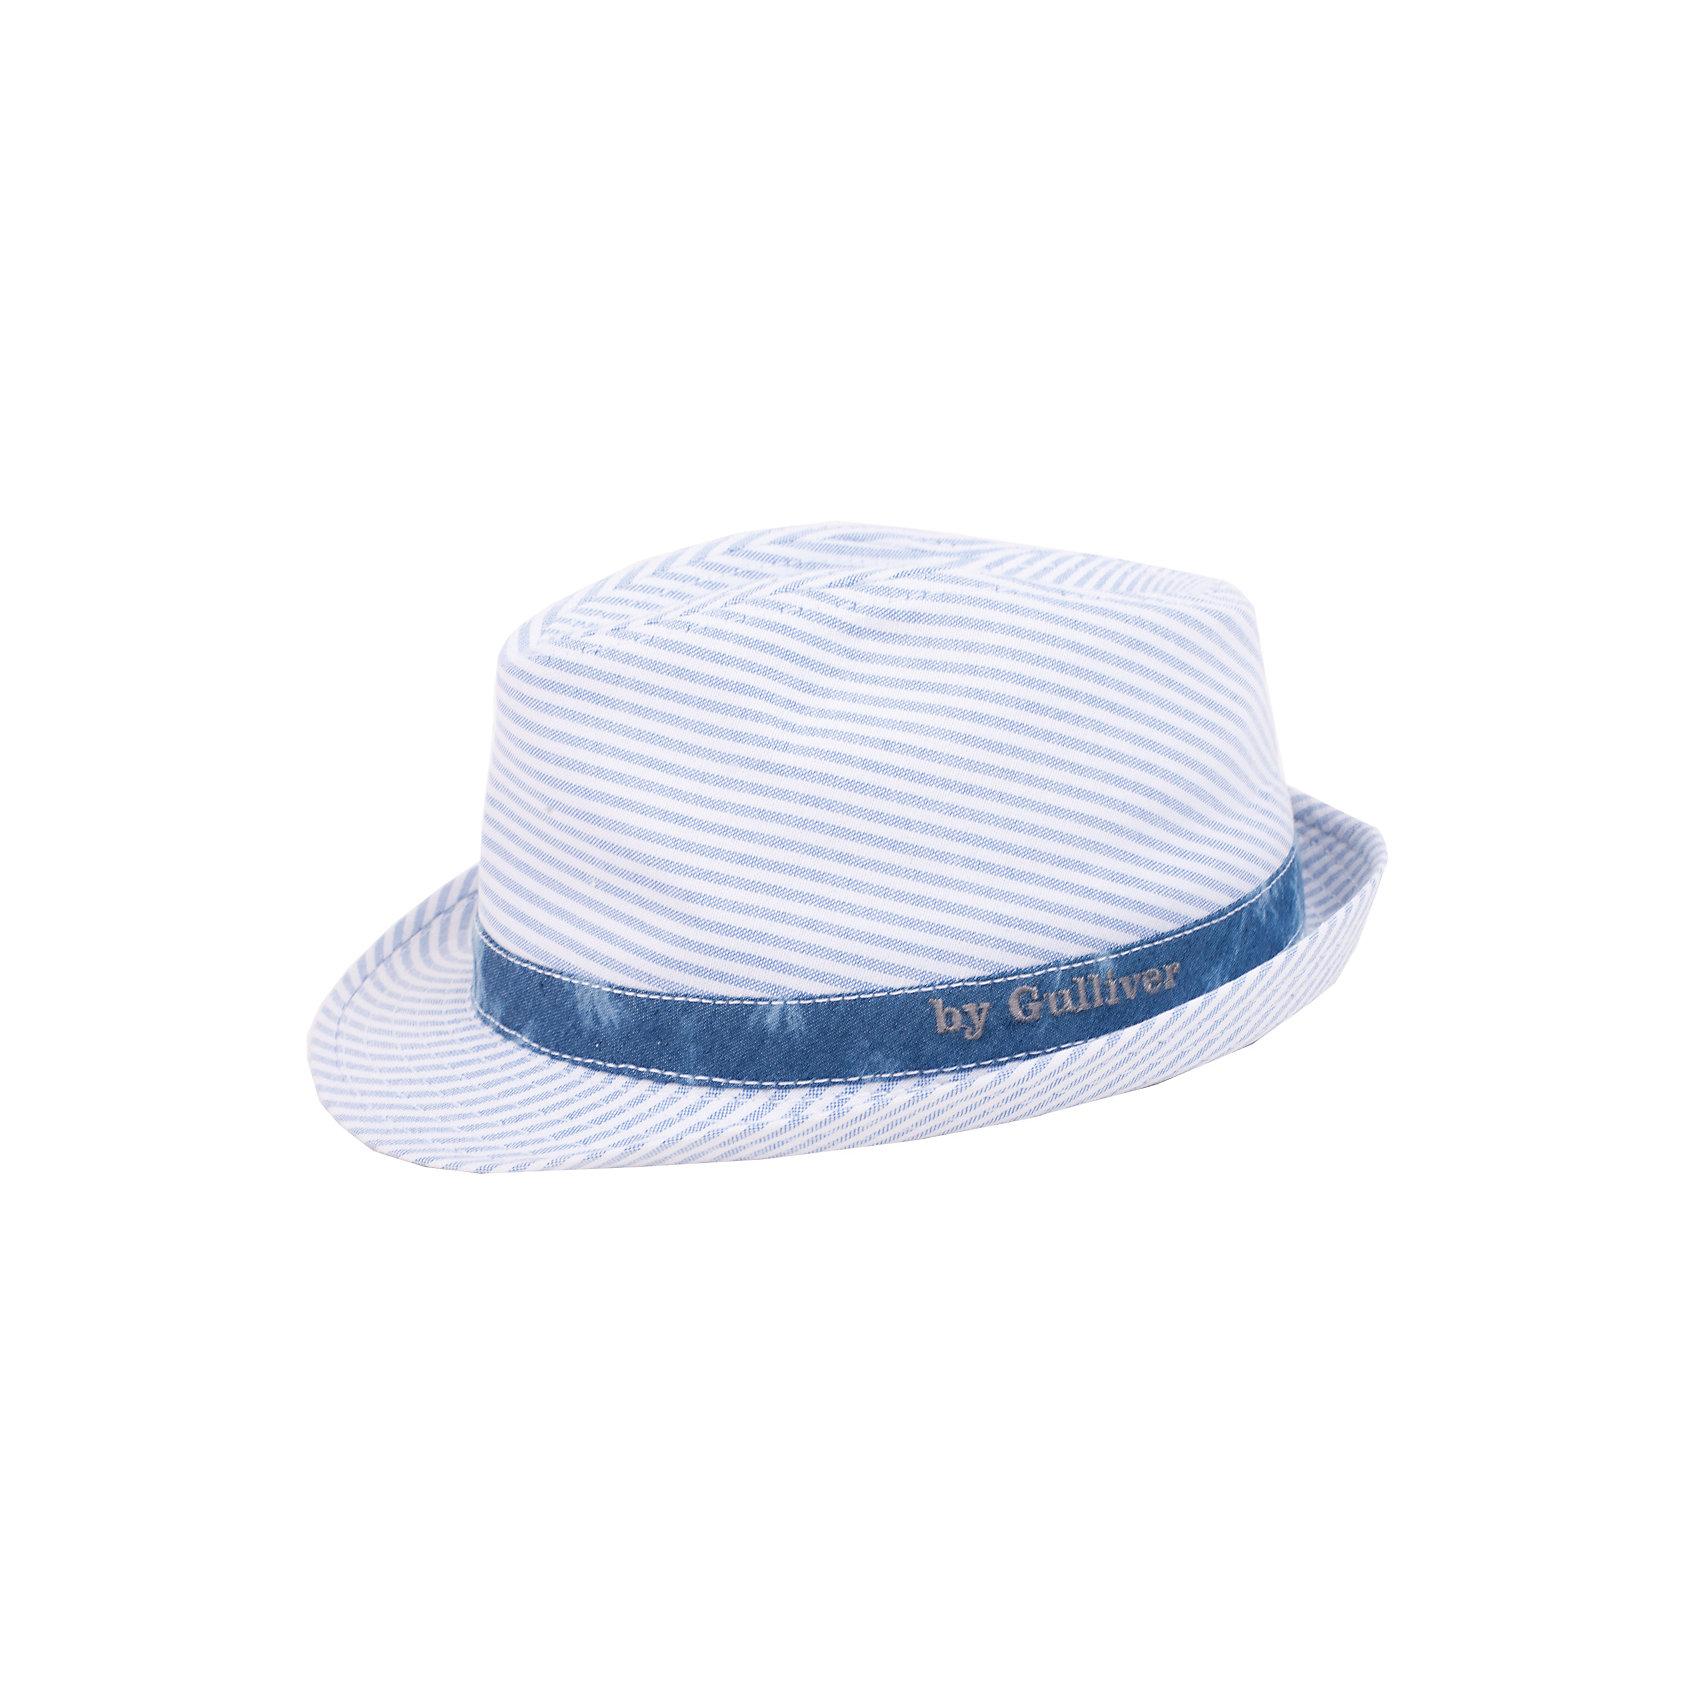 Шляпа для мальчика GulliverШляпа для мальчика - модный аксессуар, способный подчеркнуть индивидуальность ребенка. Если вы хотите купить шляпу, обратите внимание на эту модель! Шляпа из хлопка дышит, а также вызывает восторг, всеобщее одобрение и массу положительных эмоций.<br>Состав:<br>100% хлопок<br><br>Ширина мм: 89<br>Глубина мм: 117<br>Высота мм: 44<br>Вес г: 155<br>Цвет: белый<br>Возраст от месяцев: 48<br>Возраст до месяцев: 60<br>Пол: Мужской<br>Возраст: Детский<br>Размер: 52-54<br>SKU: 4534991